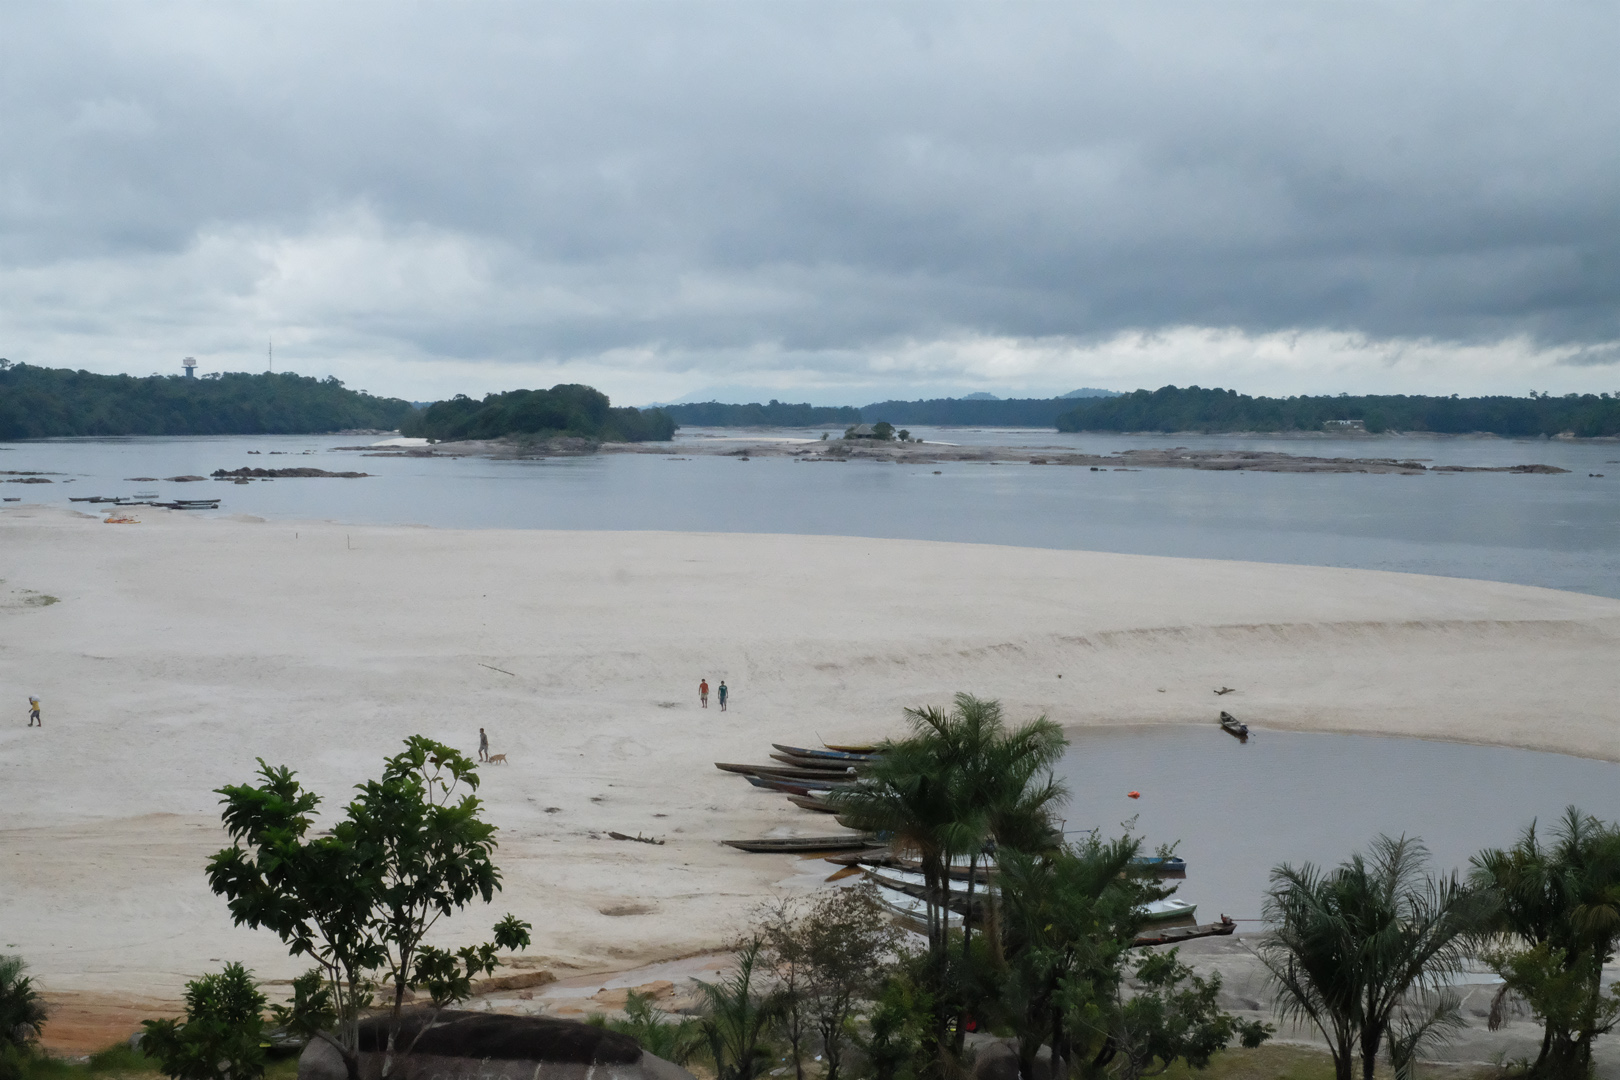 Mortes de jovens alertam povos indígenas sobre violência urbana em São Gabriel da Cachoeira